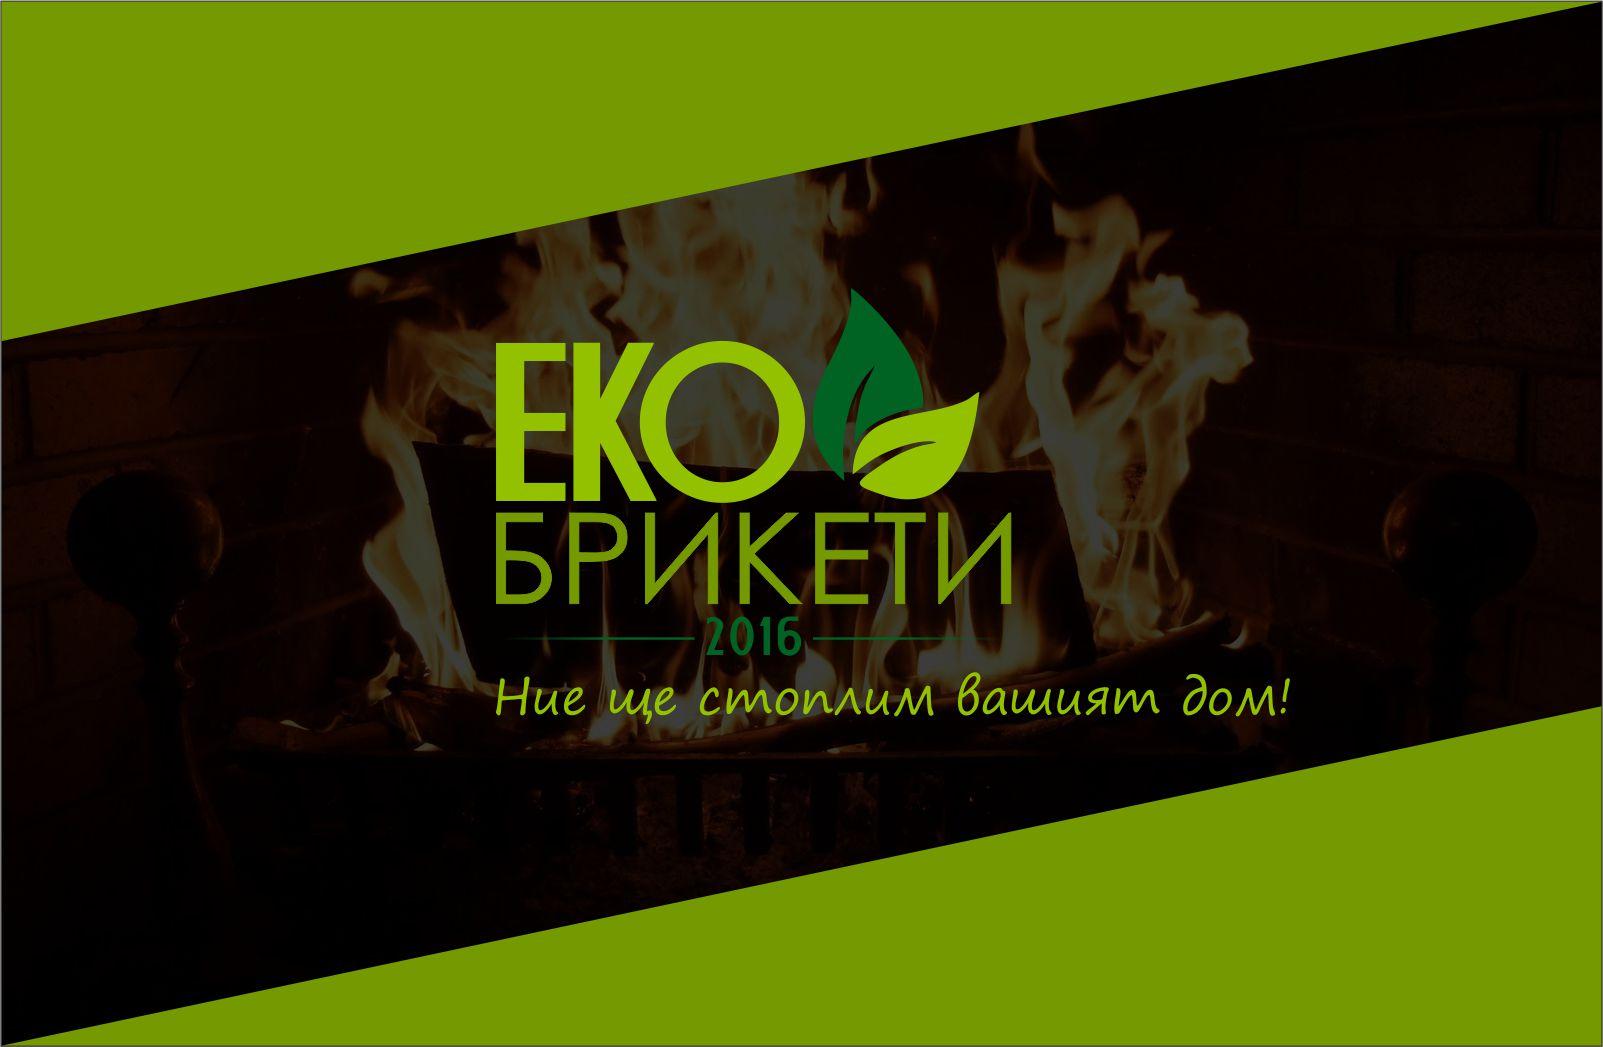 korica facebook ekobriketi.bg